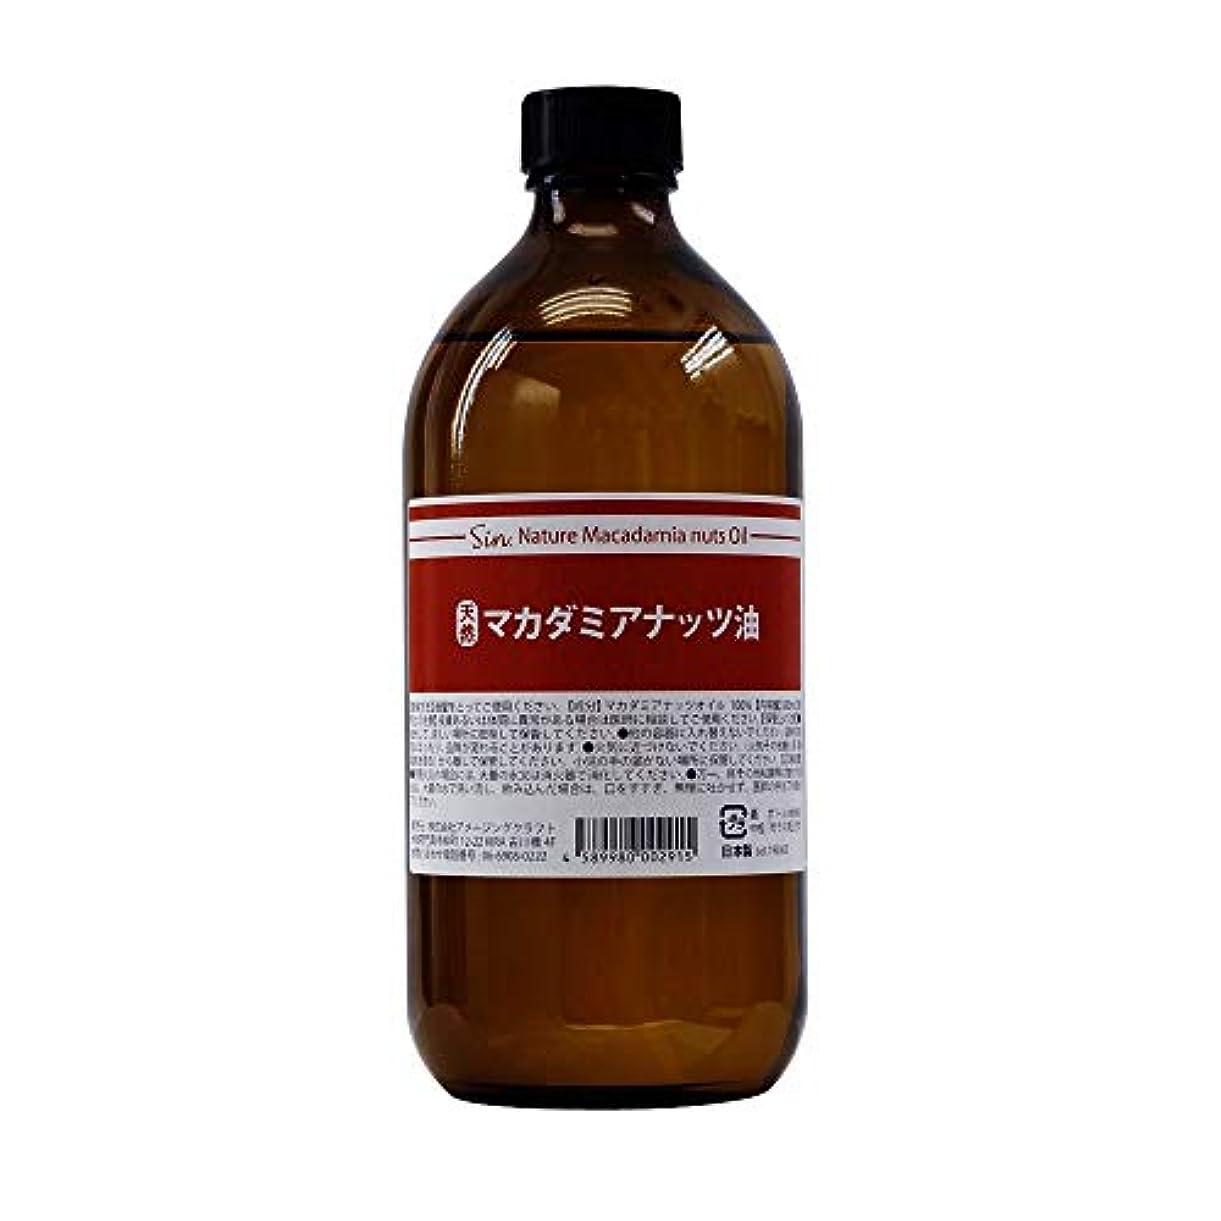 所属モルヒネ必要ない天然無添加 国内精製 マカダミアナッツオイル 500ml